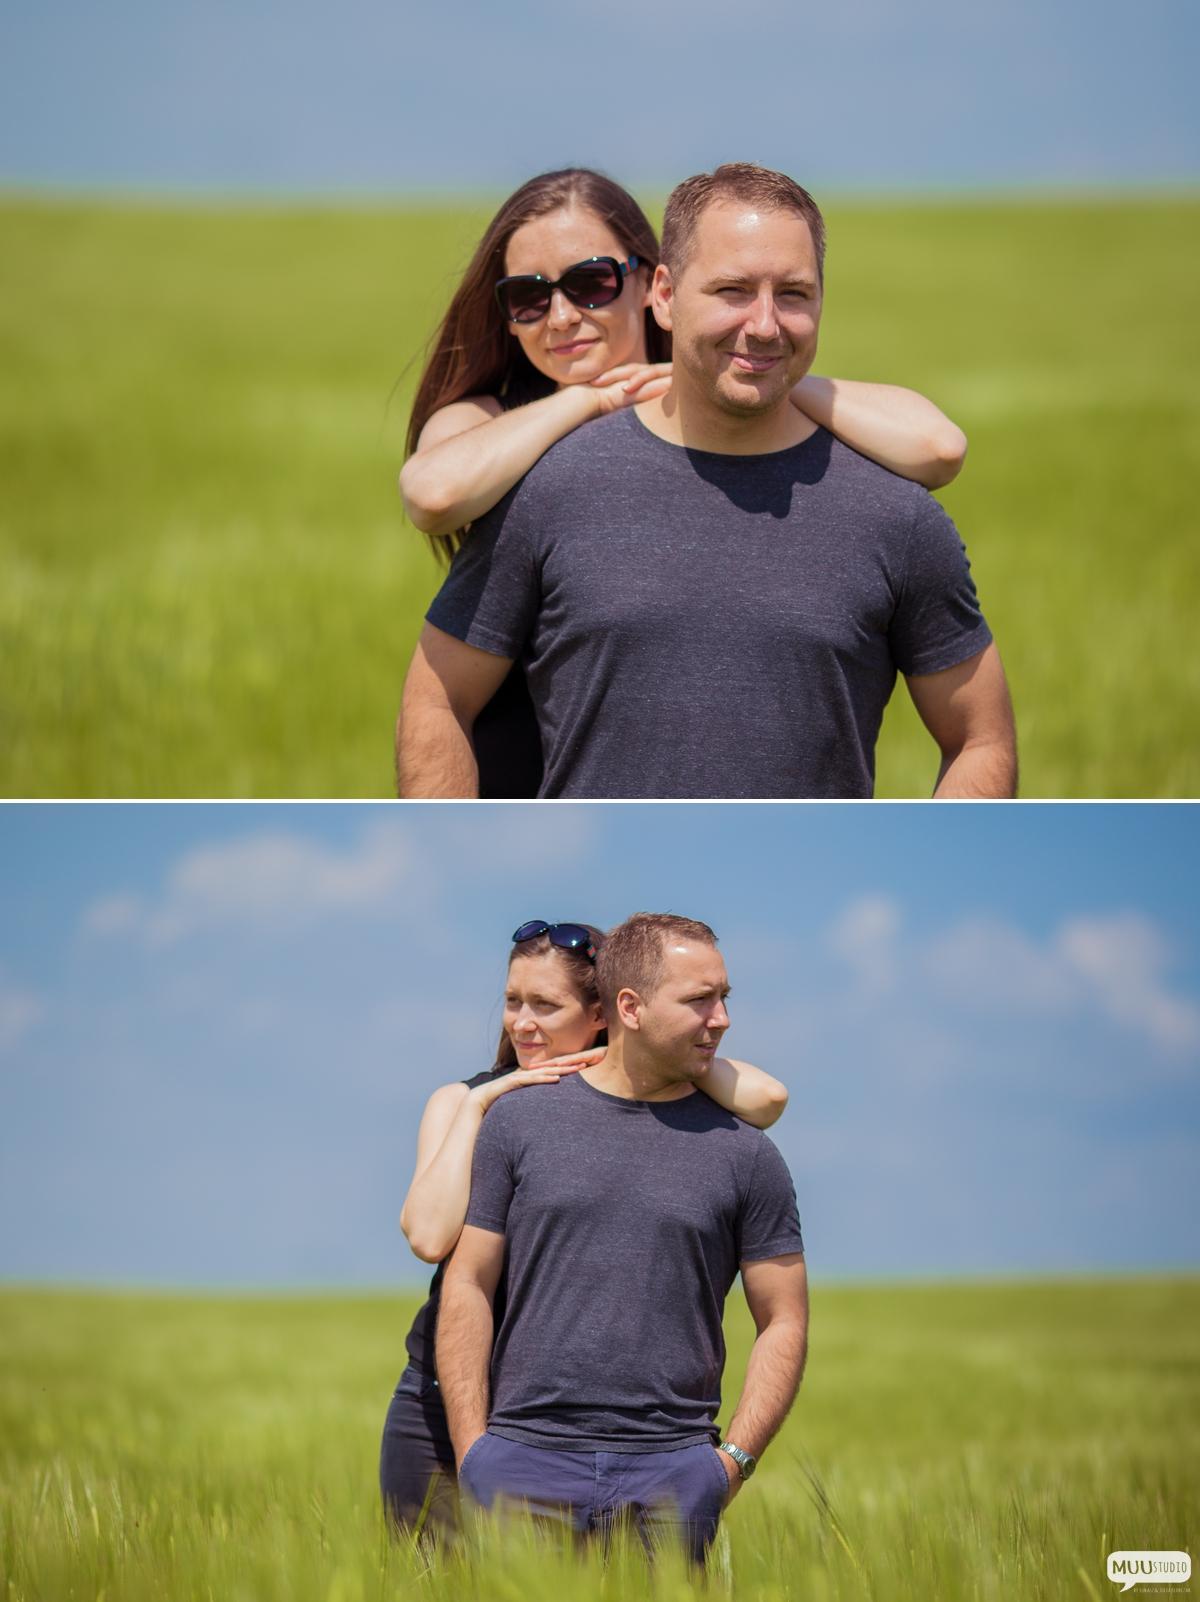 sesja zdjęciowa z okazji rocznicy ślubu częstochowa